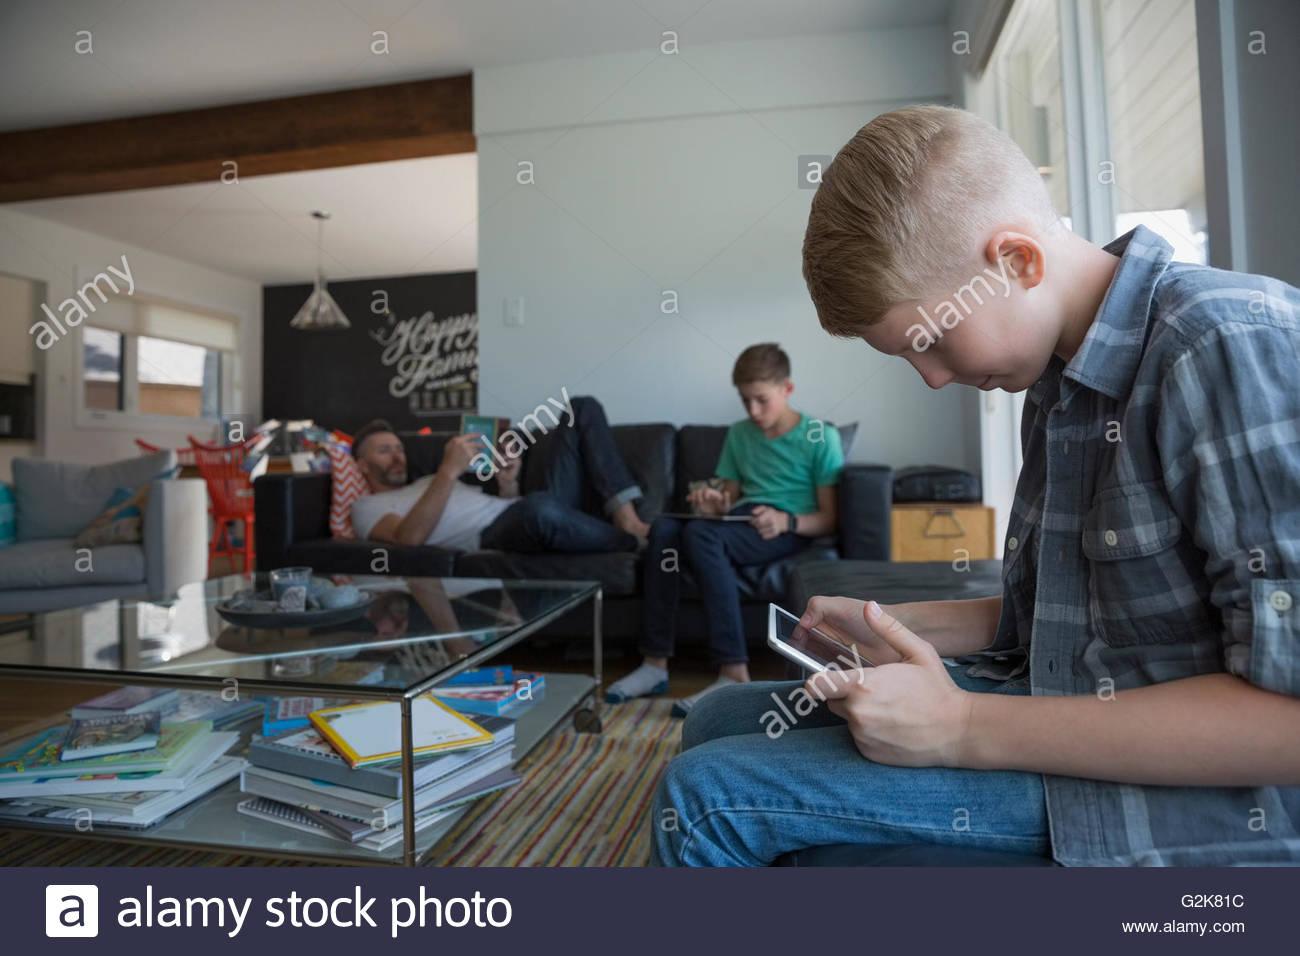 Padre e hijos relajante con tabletas digitales en el salón Imagen De Stock